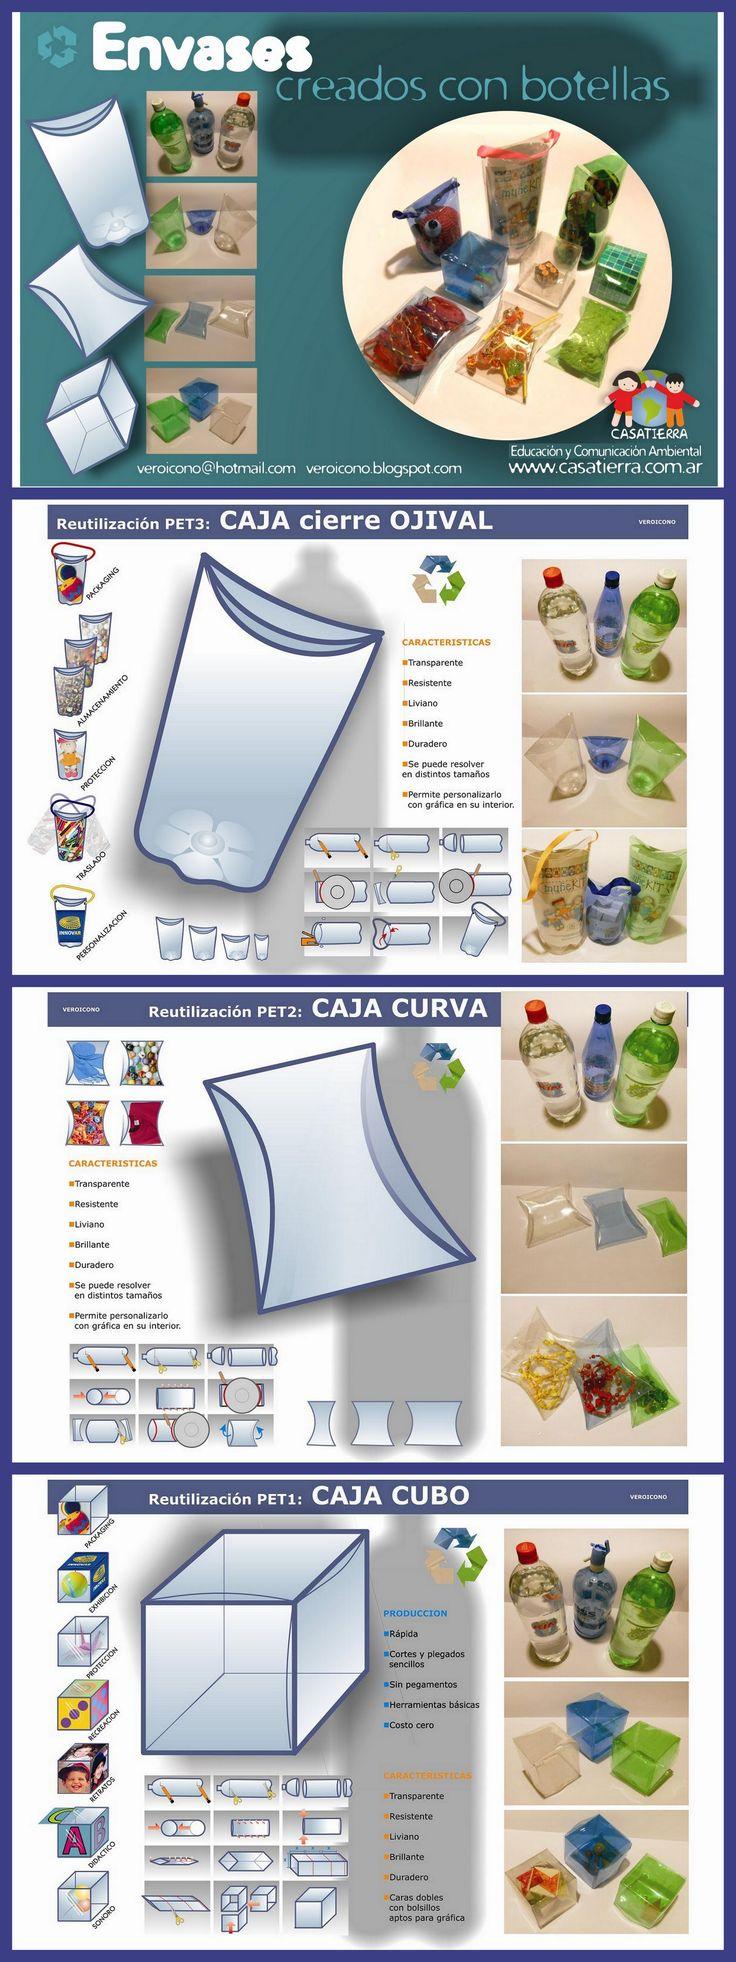 3 tipos de cajas y 1 sobre (que no sale en la foto) reutilizando botellas de plastico. Cuidado con la interpretacion correcta de los dibujos.